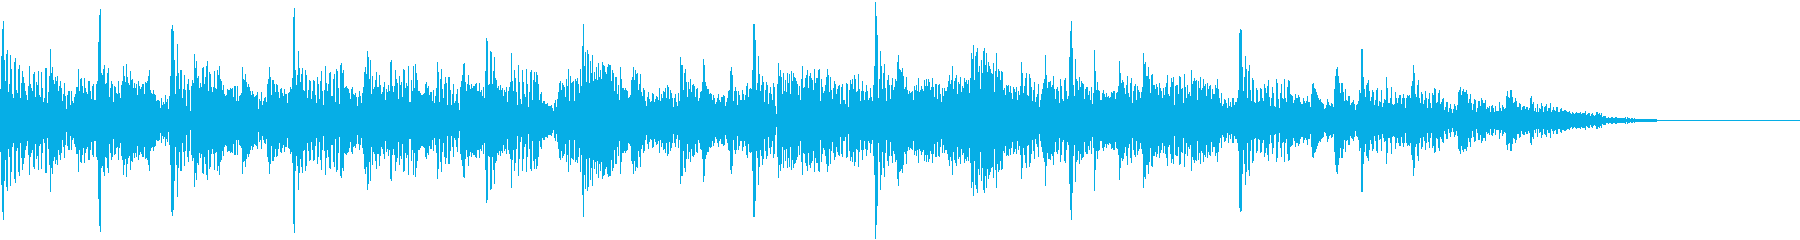 オープニング51の再生済みの波形